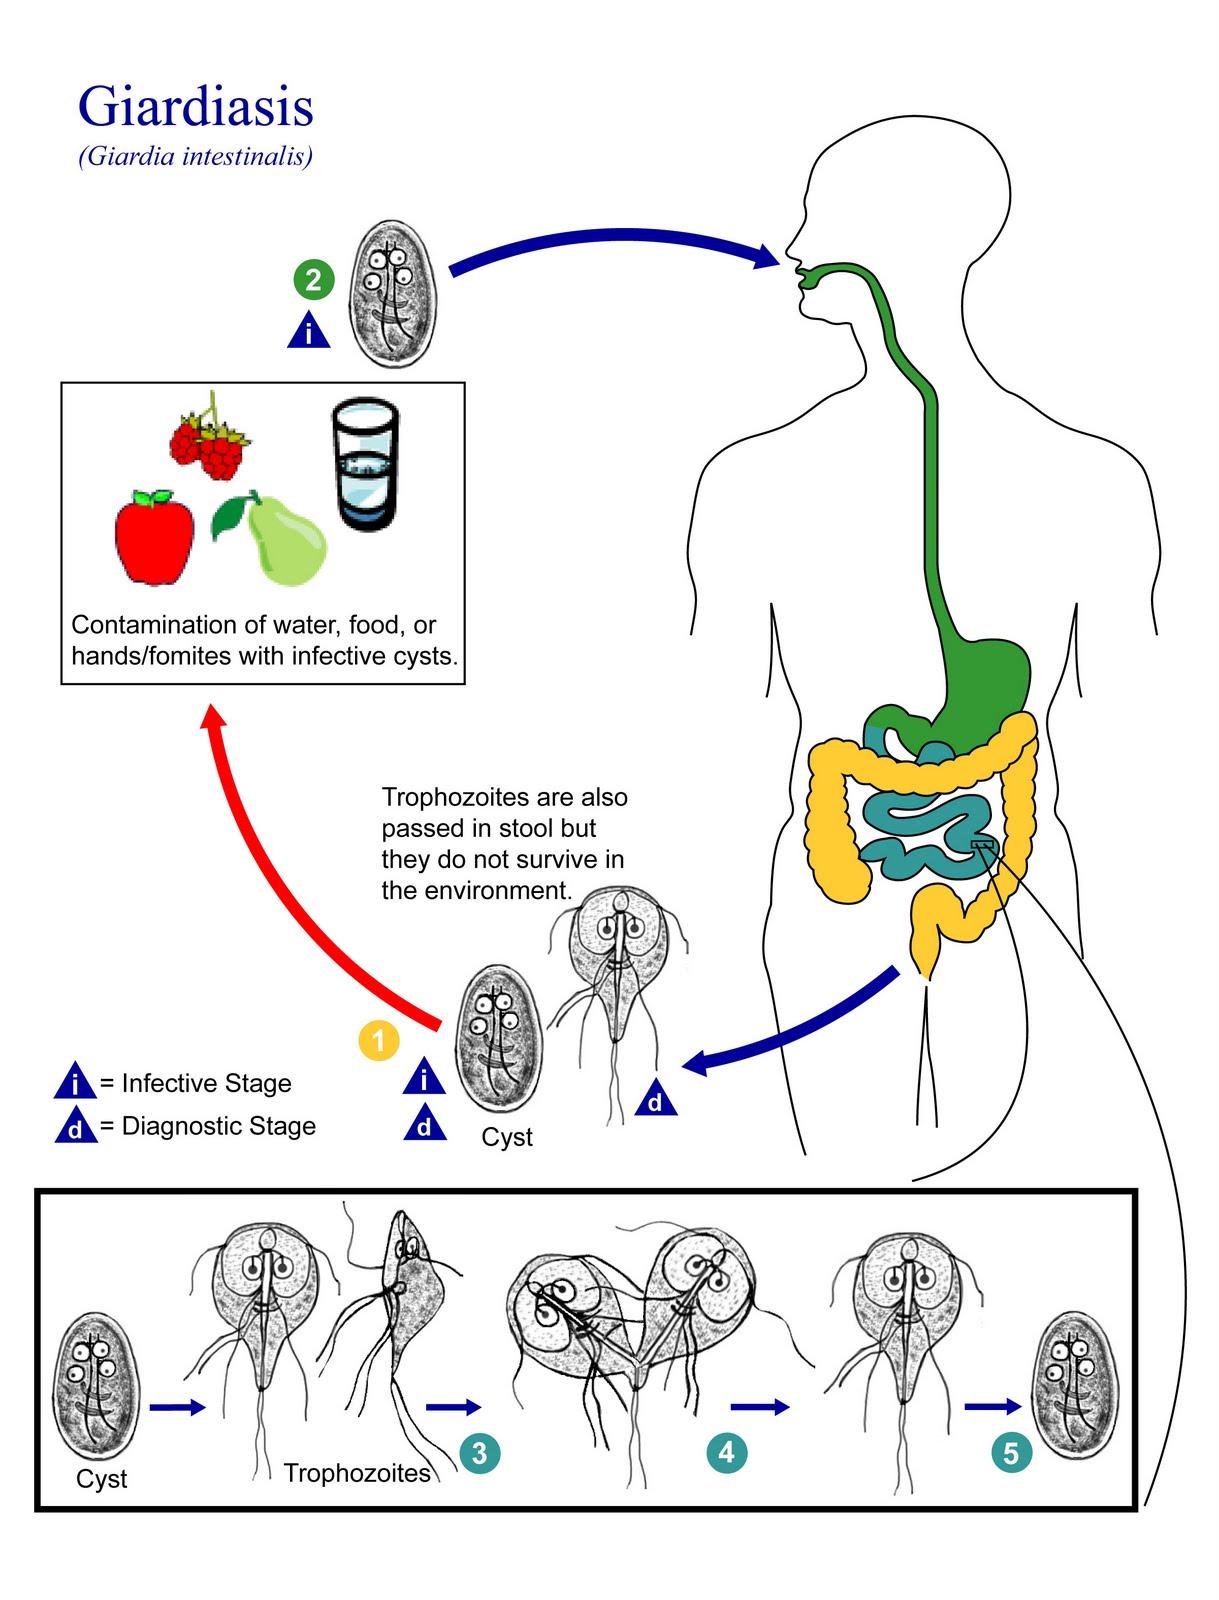 giardia parasite infection symptoms)